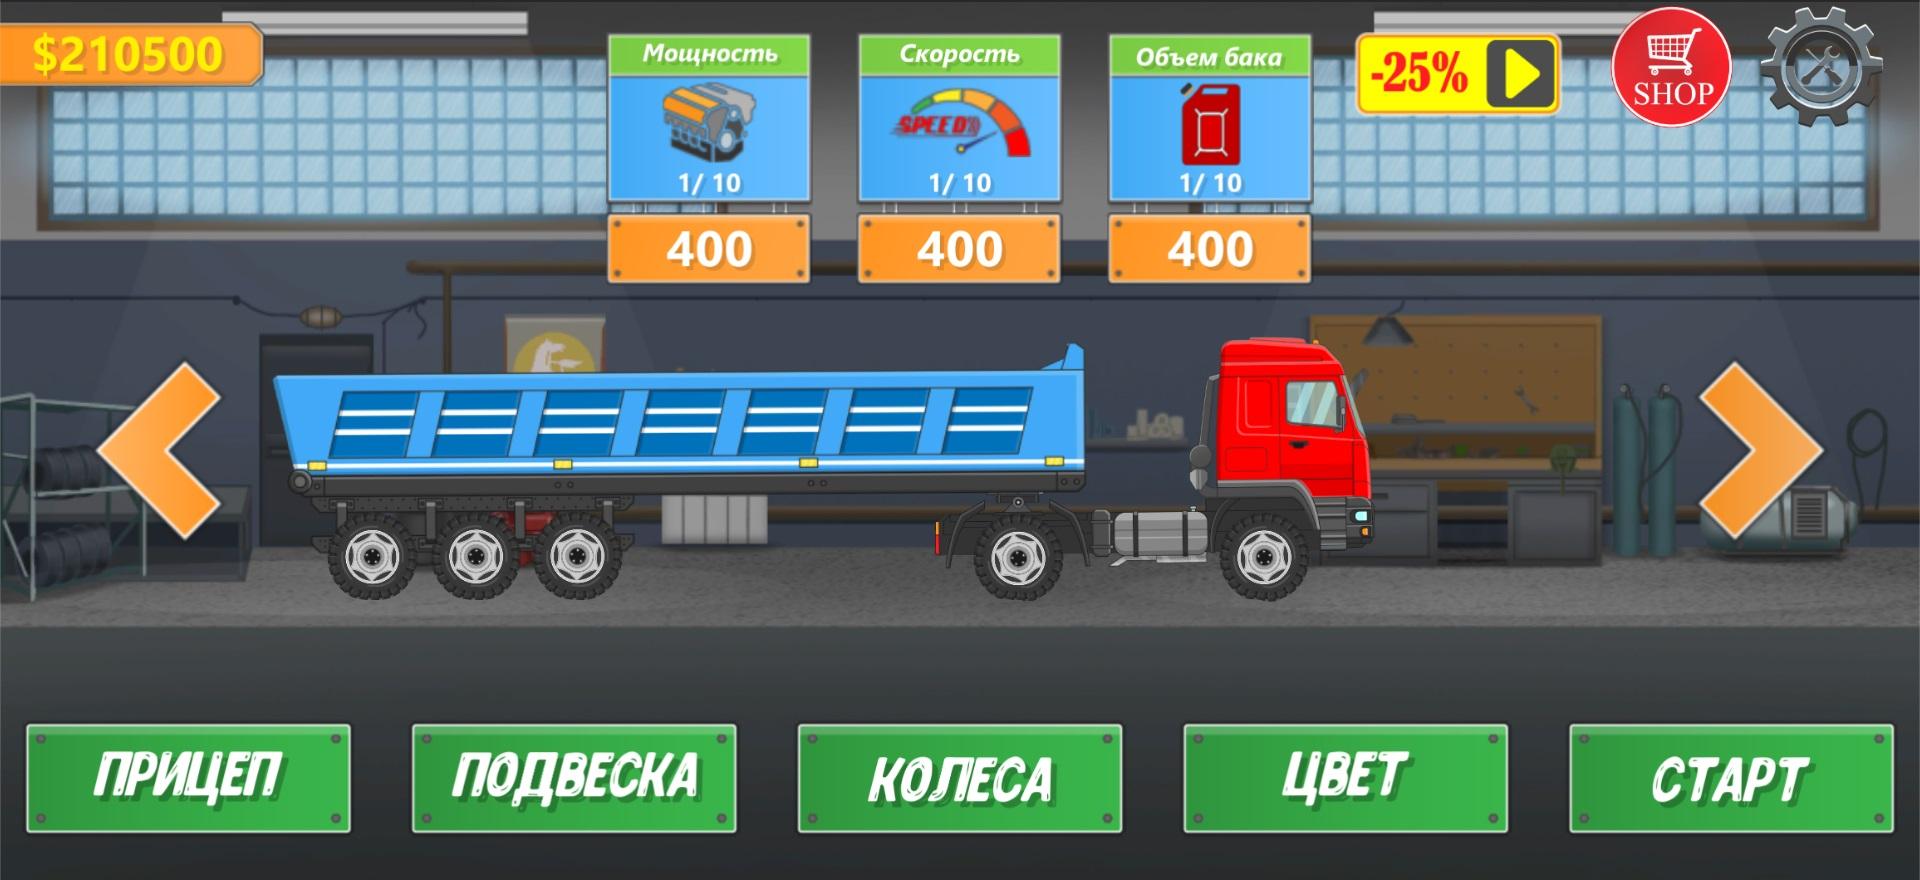 2 | Trucker Real Wheels - игра про грузоперевозки